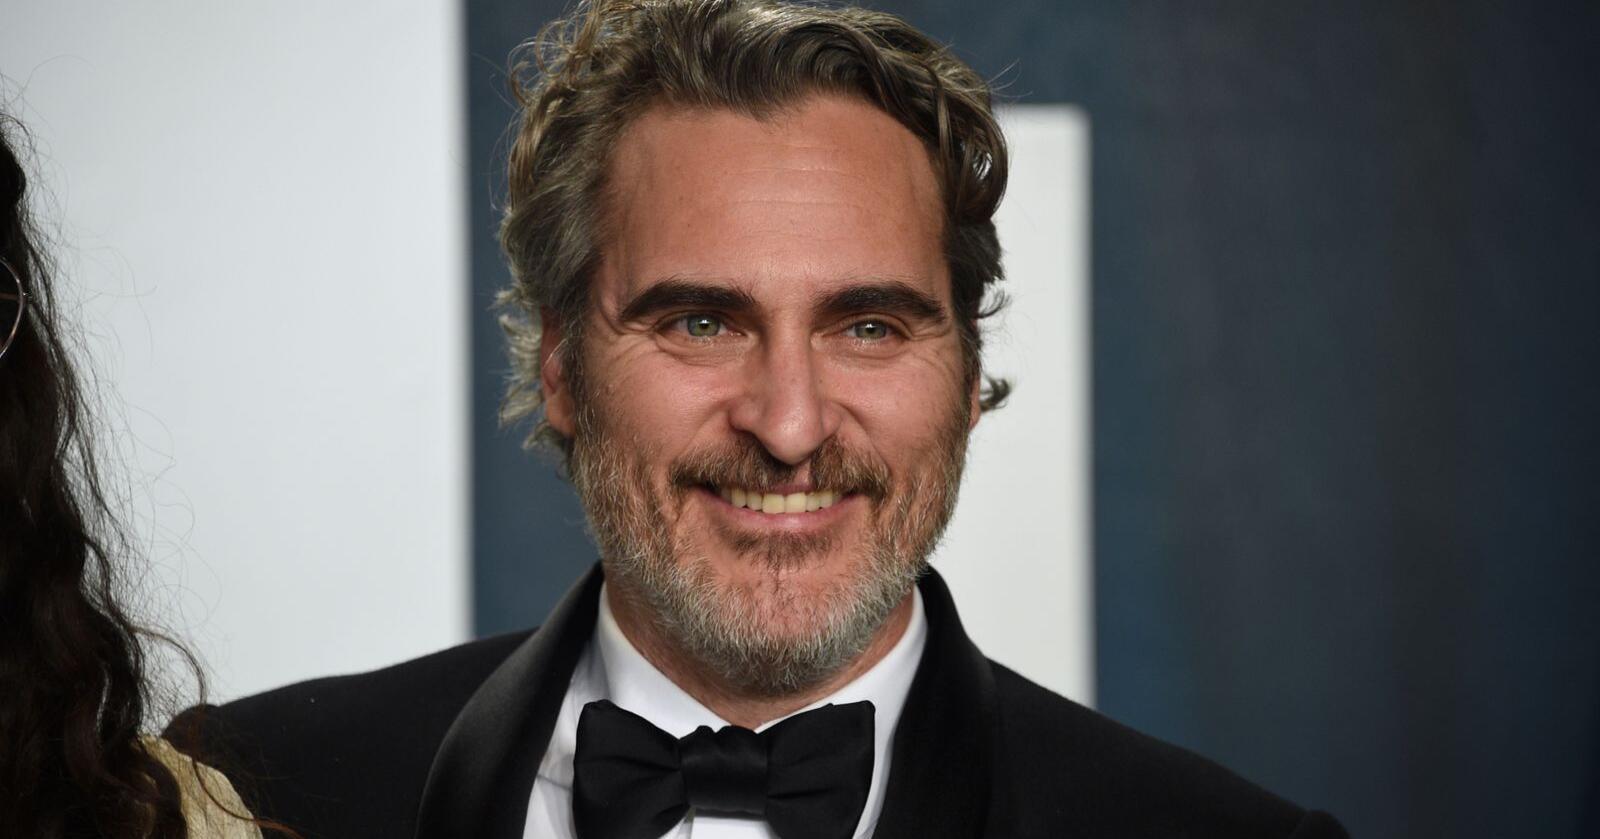 Skuespiller Joaquin Phoenix ut mot kjøttindustrien. Foto: Evan Agostini/Invision/AP